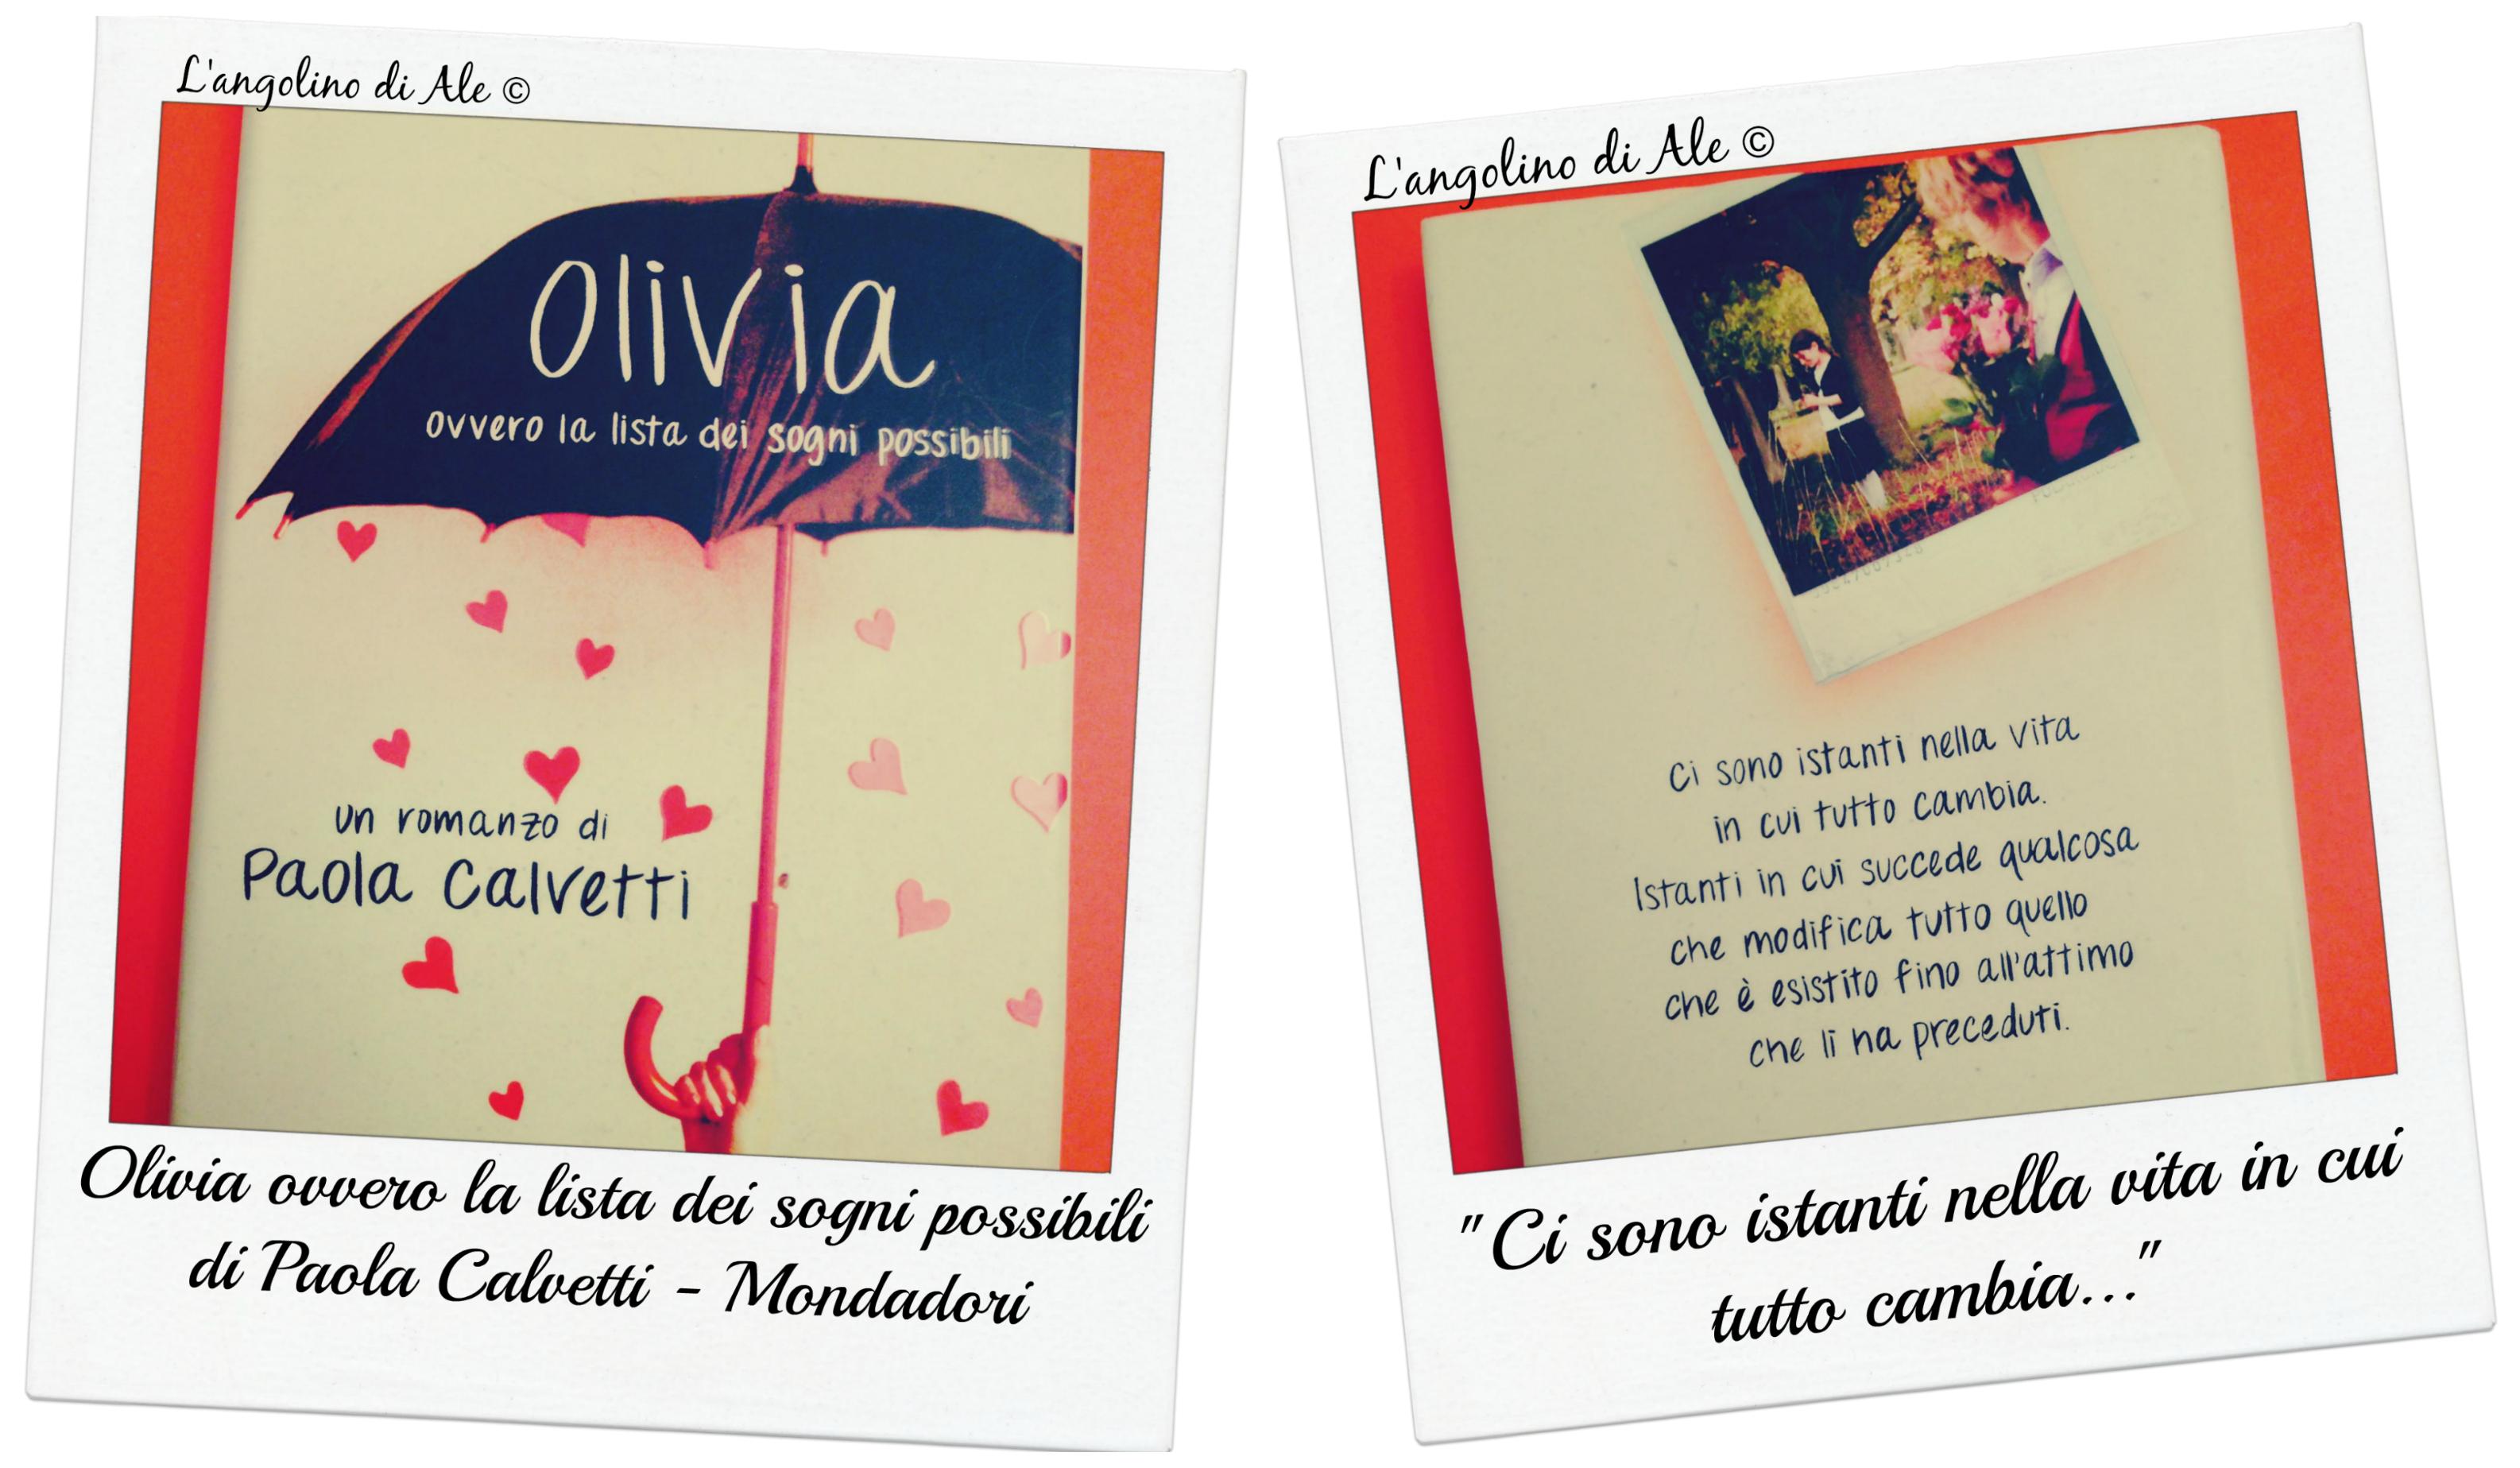 Olivia ovvero la lista dei sogni possibili di Paola Calvetti - L'angolino di Ale